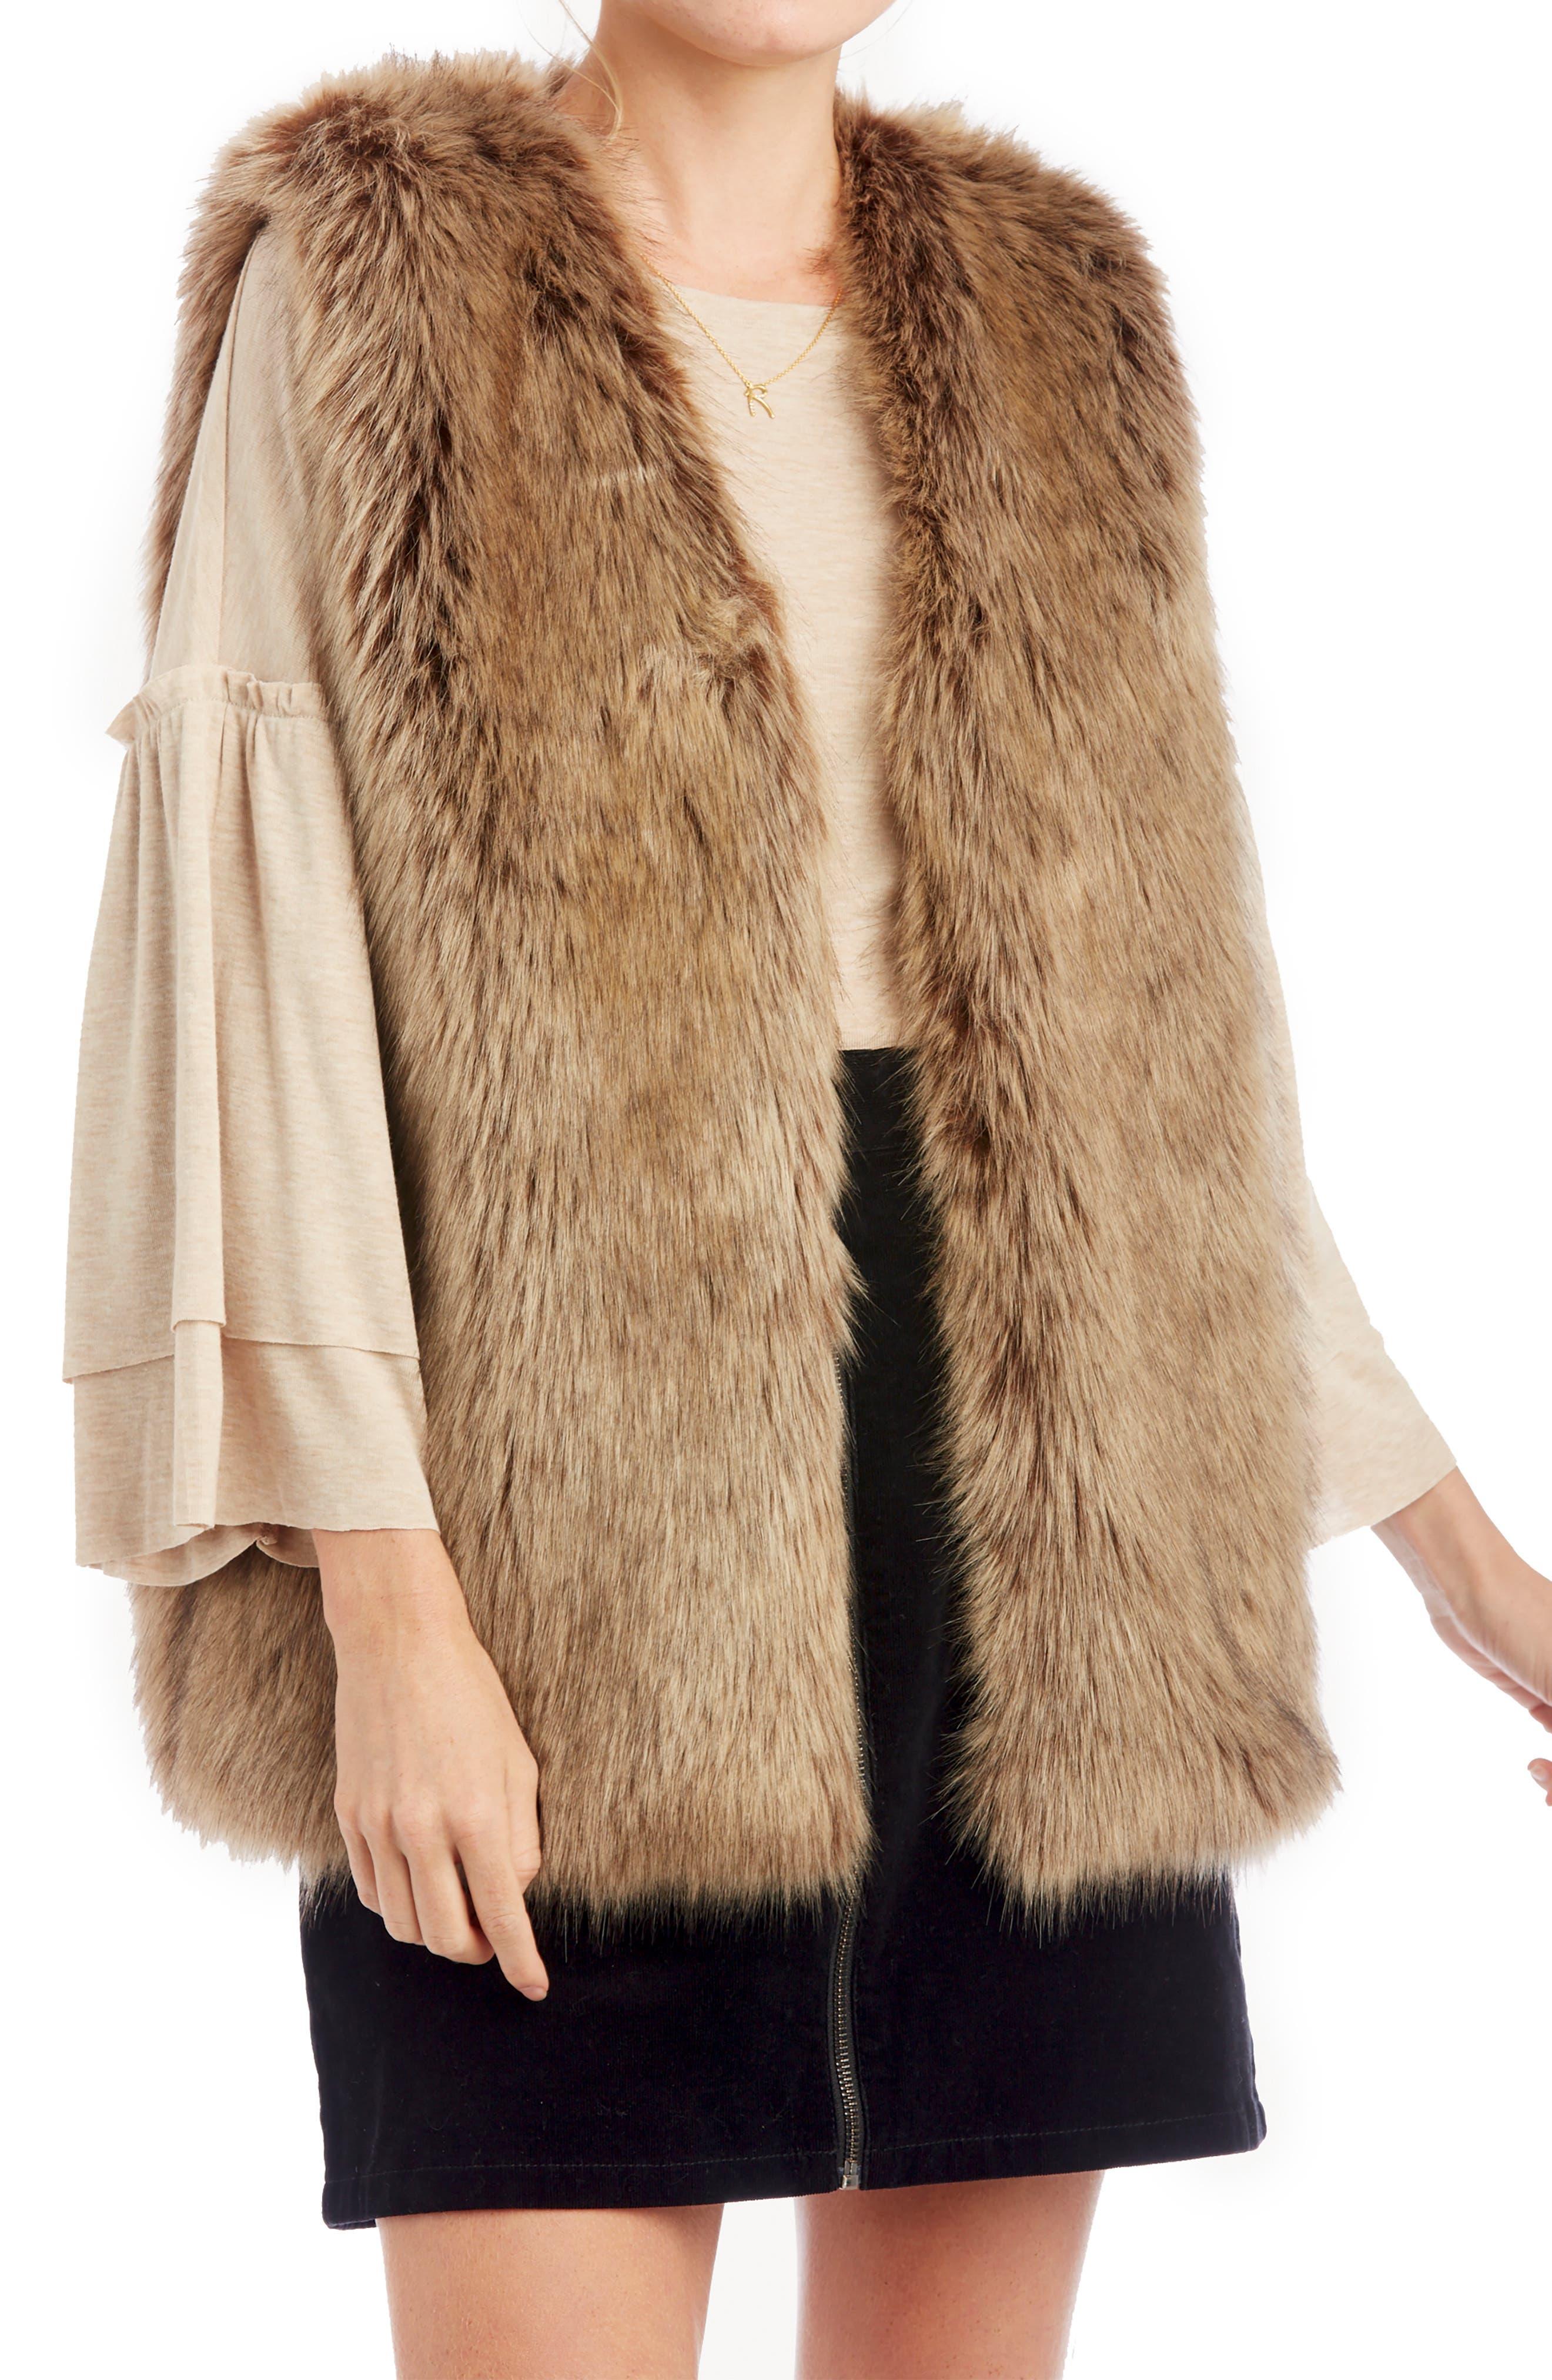 70s Jackets & Hippie Vests, Ponchos Womens Sole Society Faux Fur Vest $79.95 AT vintagedancer.com